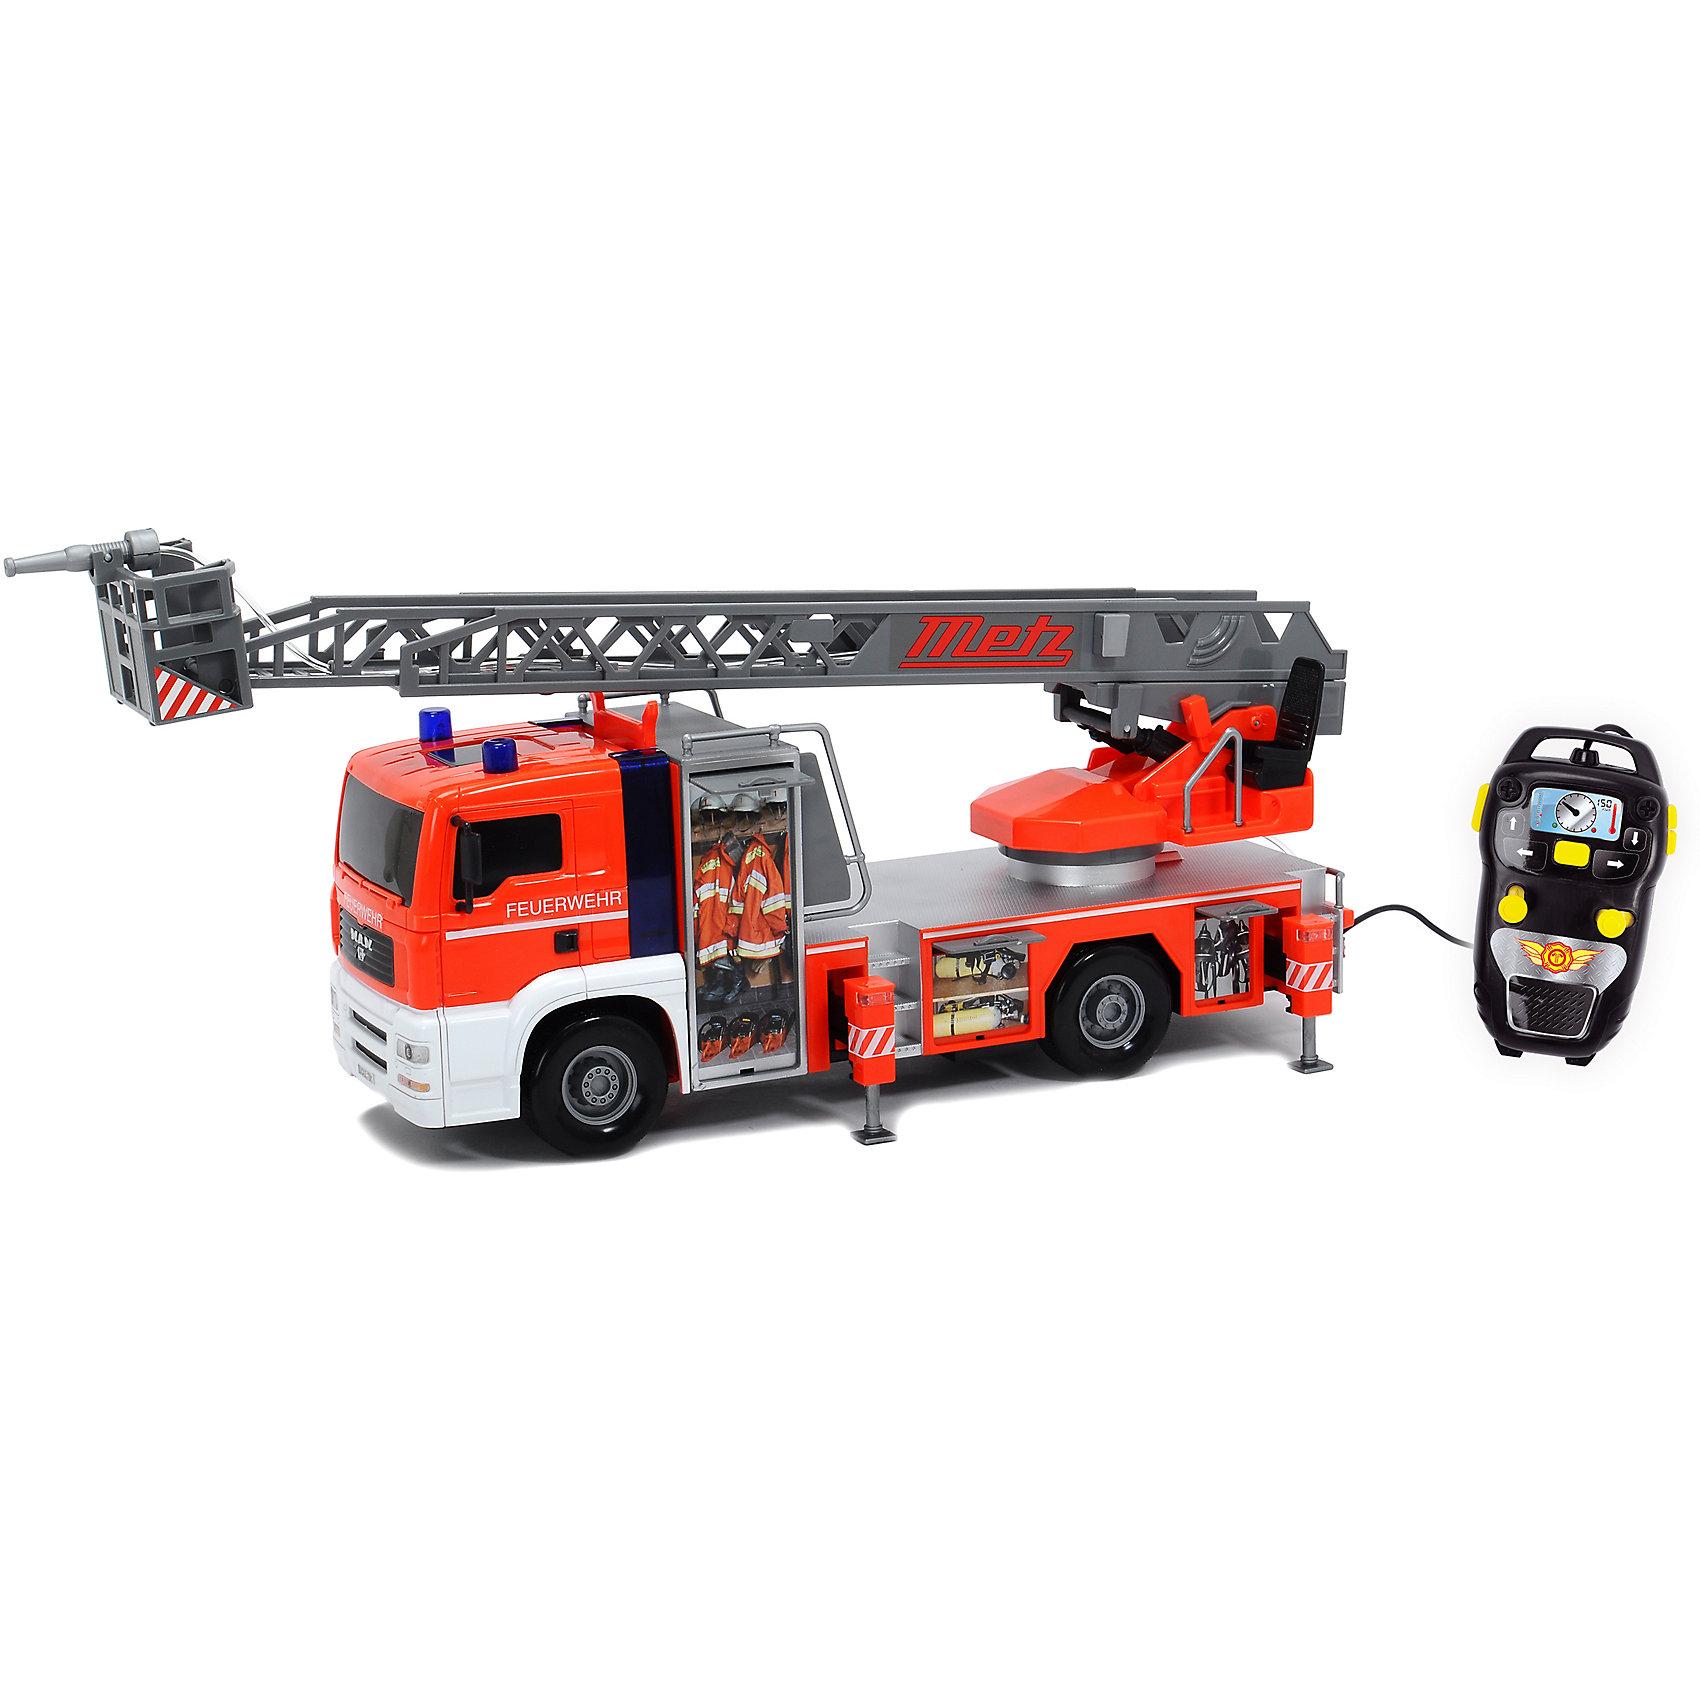 Пожарная машина на д/у, DickieМашинки<br>В такой замечательной машиной ваш ребенок сможет почувствовать себя настоящим пожарным! Машина с подвижными колесами оснащена звуком  пожарной сирены и мигалками. Наверху располагается подвижная лестница с площадкой и брандспойтом, который имеет функцию разбрызгивания воды. Пожарная машина выполнена из высококачественного пластика, с применением экологичных нетоксичных красителей. Управляется с пульта дистанционного управления. <br><br>Дополнительная информация:<br><br>- Материал: пластик, металл.<br>- Размер: 50 см.<br>- Подвижные колеса.<br>- Подвижная пожарная вышка. <br>- Функция разбрызгивания воды.<br>- Управляется с пульта ДУ.<br>- Световые, звуковые эффекты.<br>- Элемент питания: 4 АА батарейки (в комплекте).<br><br>Пожарную машину на д/у, Dickie (Дикки), можно купить в нашем магазине.<br><br>Ширина мм: 590<br>Глубина мм: 260<br>Высота мм: 170<br>Вес г: 2300<br>Возраст от месяцев: 36<br>Возраст до месяцев: 84<br>Пол: Мужской<br>Возраст: Детский<br>SKU: 4582752